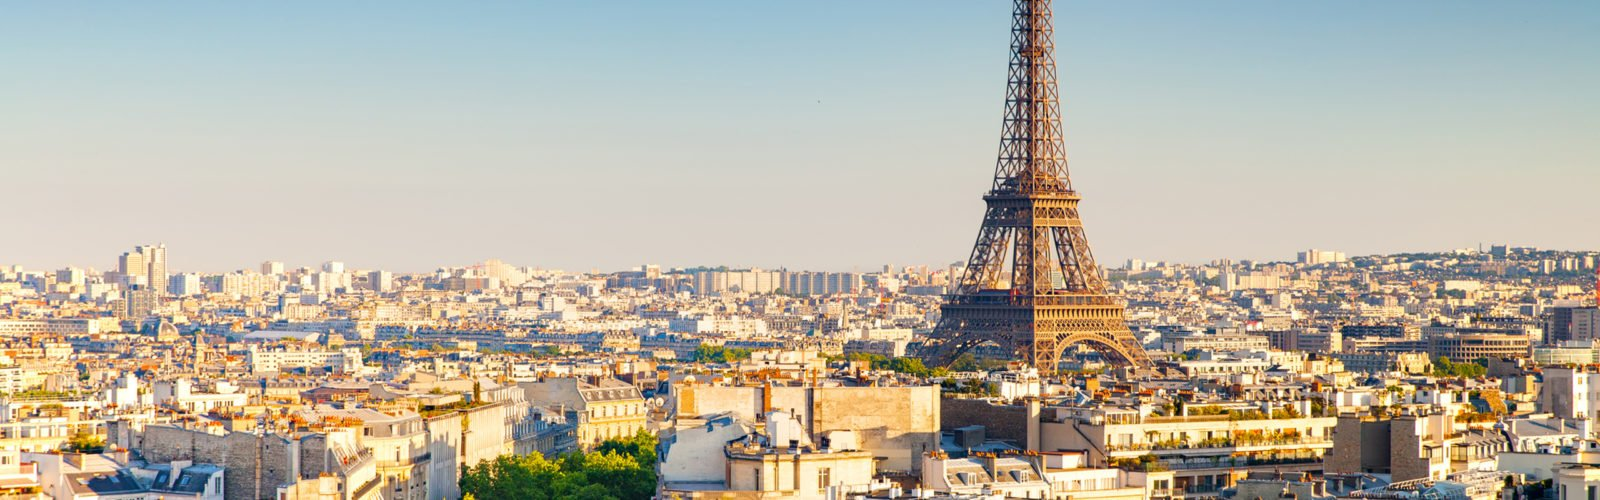 paris-cityscape-sunset